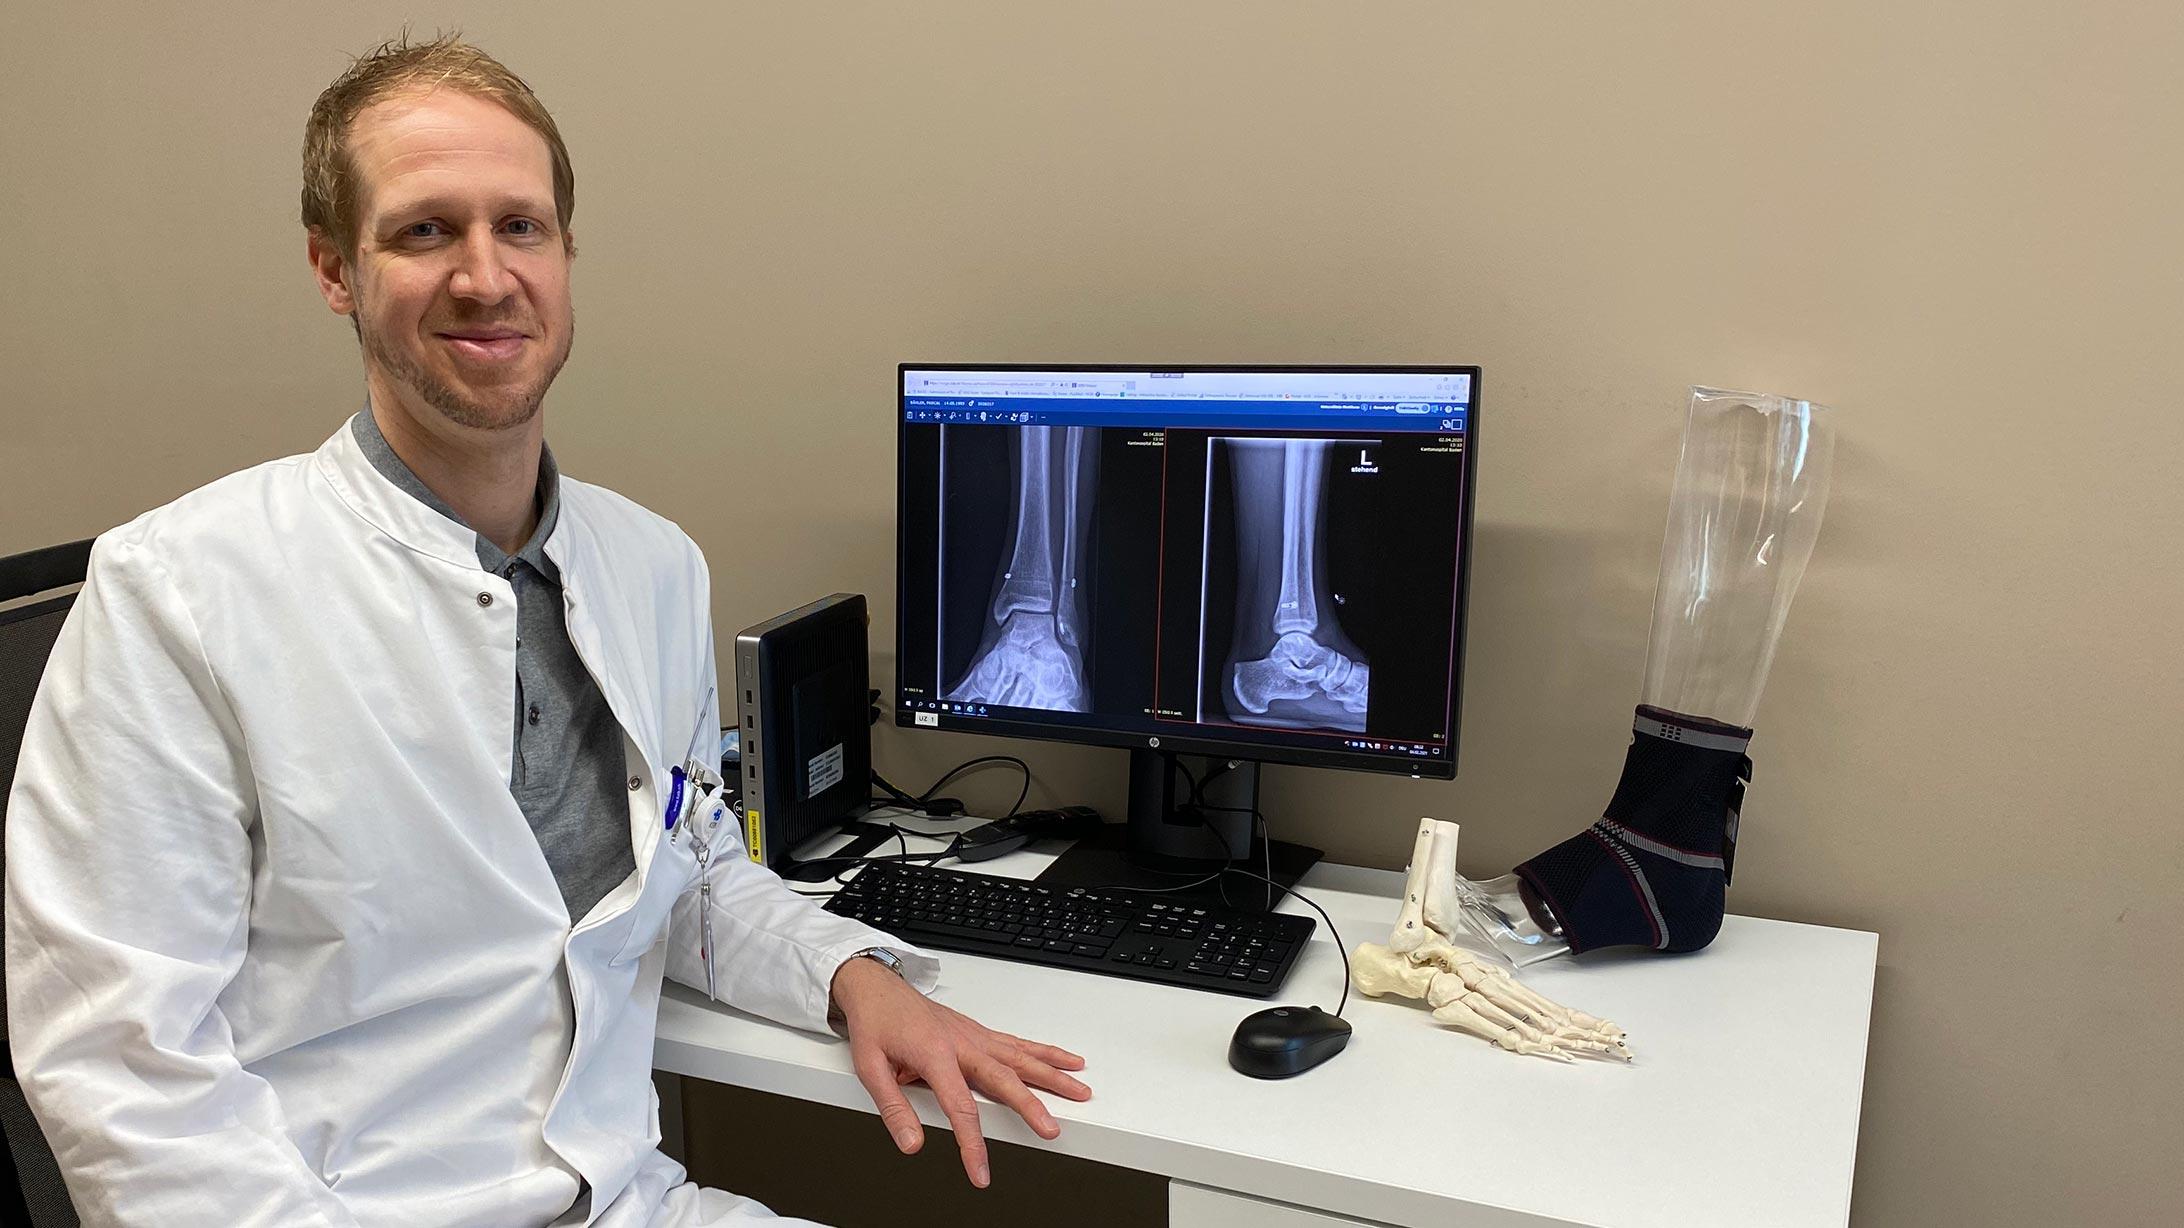 Fusschirurg Christopher Lenz sitz vor einem Bildschirm mit Röntgenaufnahmen eines Fusses.